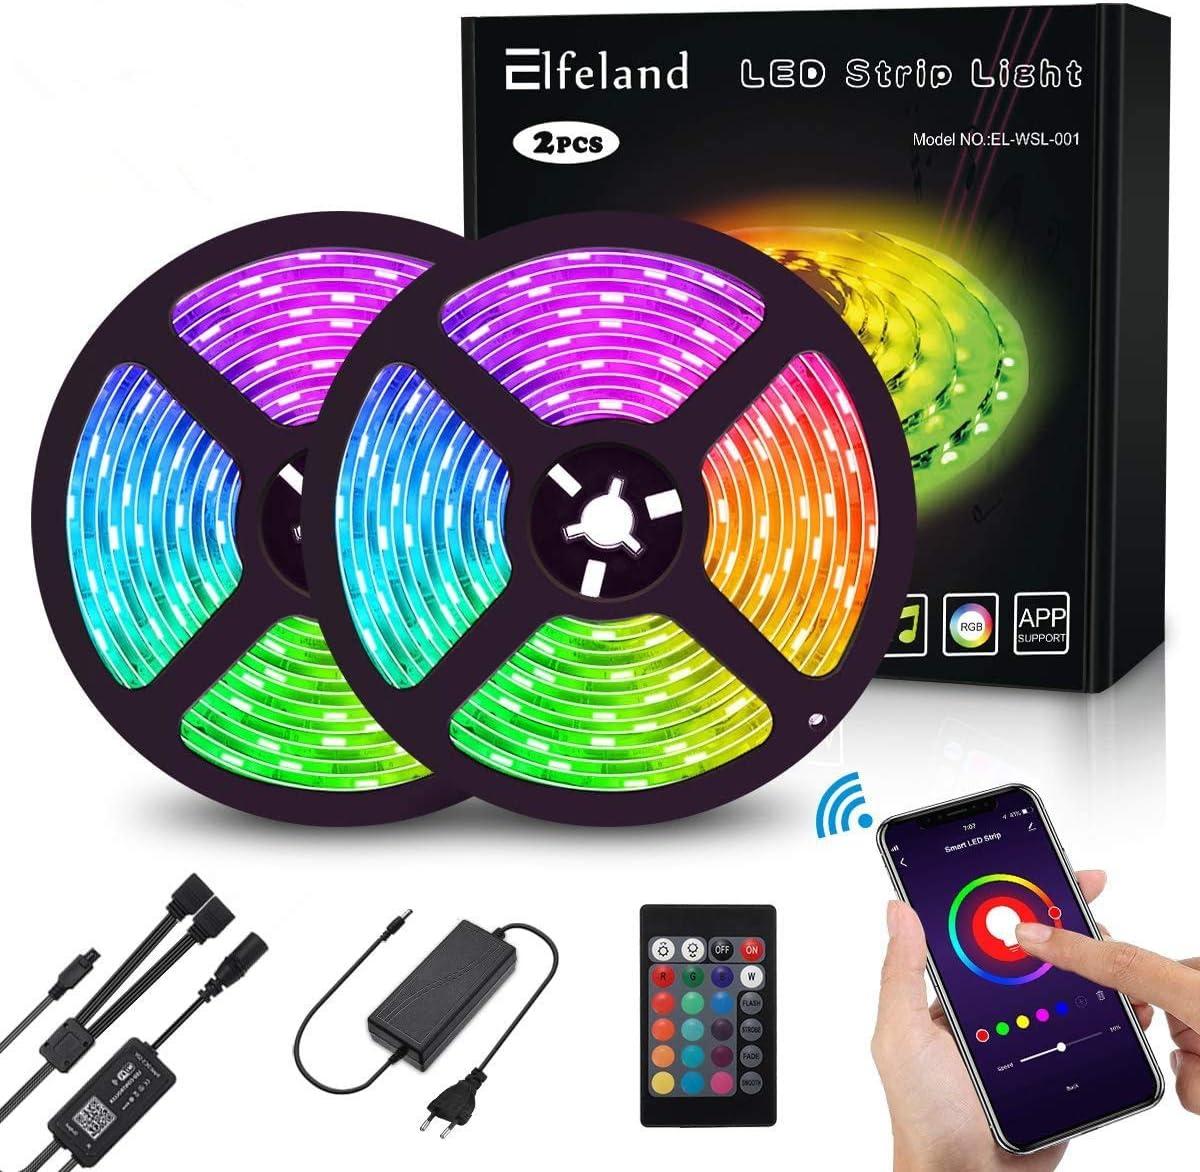 Wifi Ruban LED 10M, Elfeland Bande LED 2 x 5M 5050 RGB 300 LEDs, 16 Millions de Couleurs, IP65 Étanche, Sync avec Musique, Smart Téléphone APP Personnalisé, Travail avec Alexa, Google Home [Classe énergétique A+]